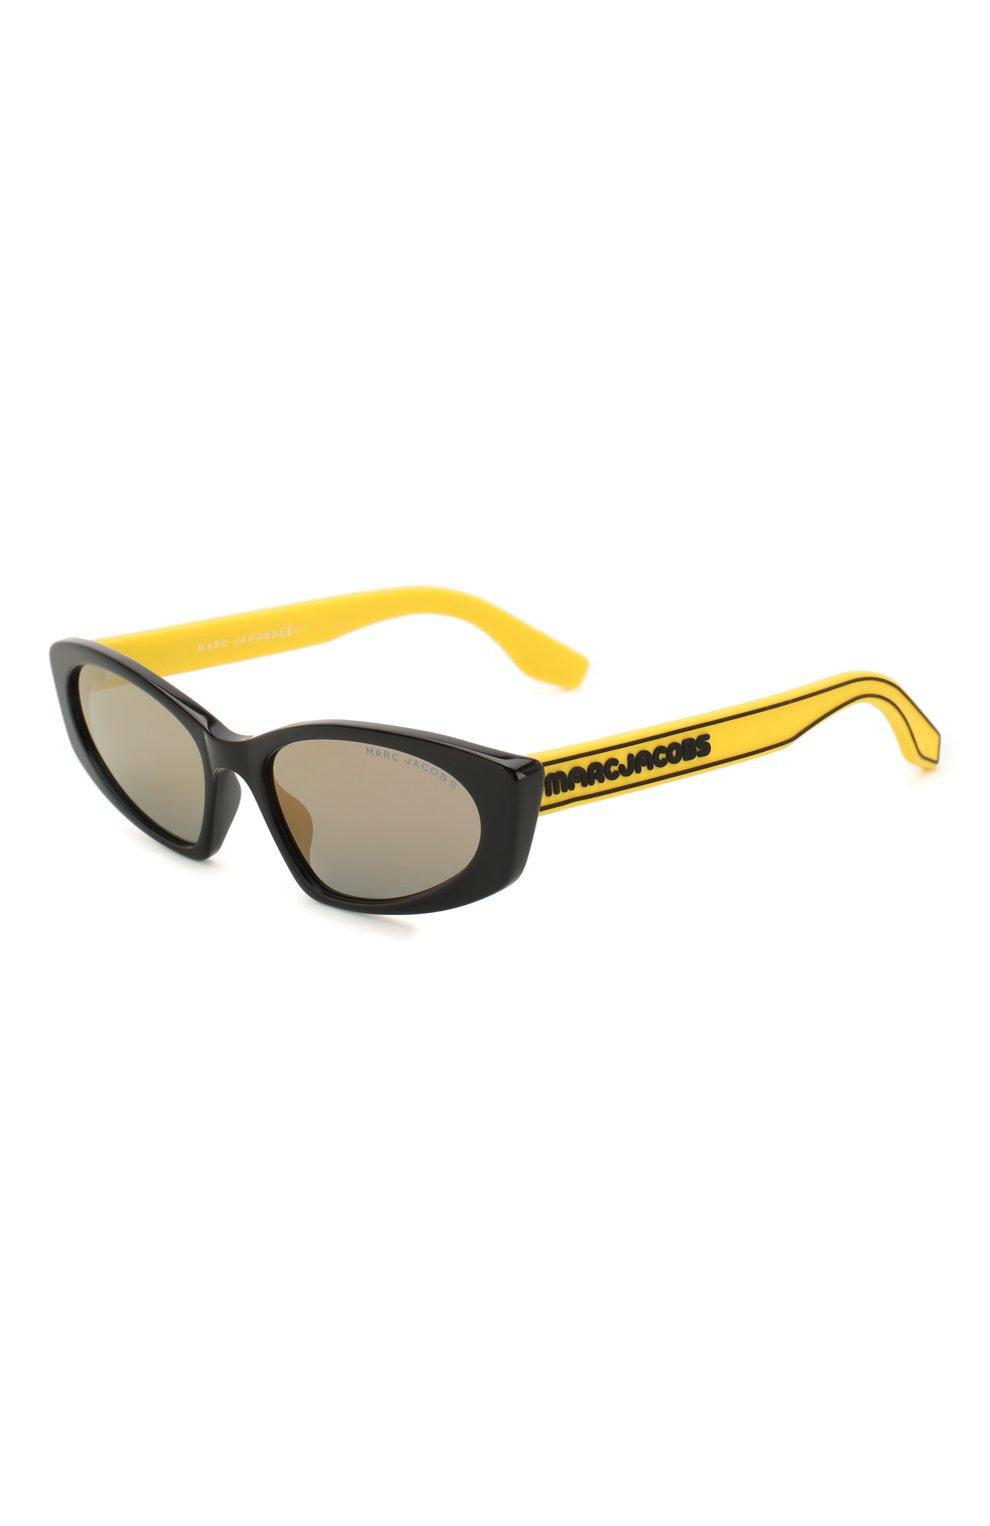 Женские солнцезащитные очки MARC JACOBS (THE) желтого цвета, арт. MARC 356 40G | Фото 1